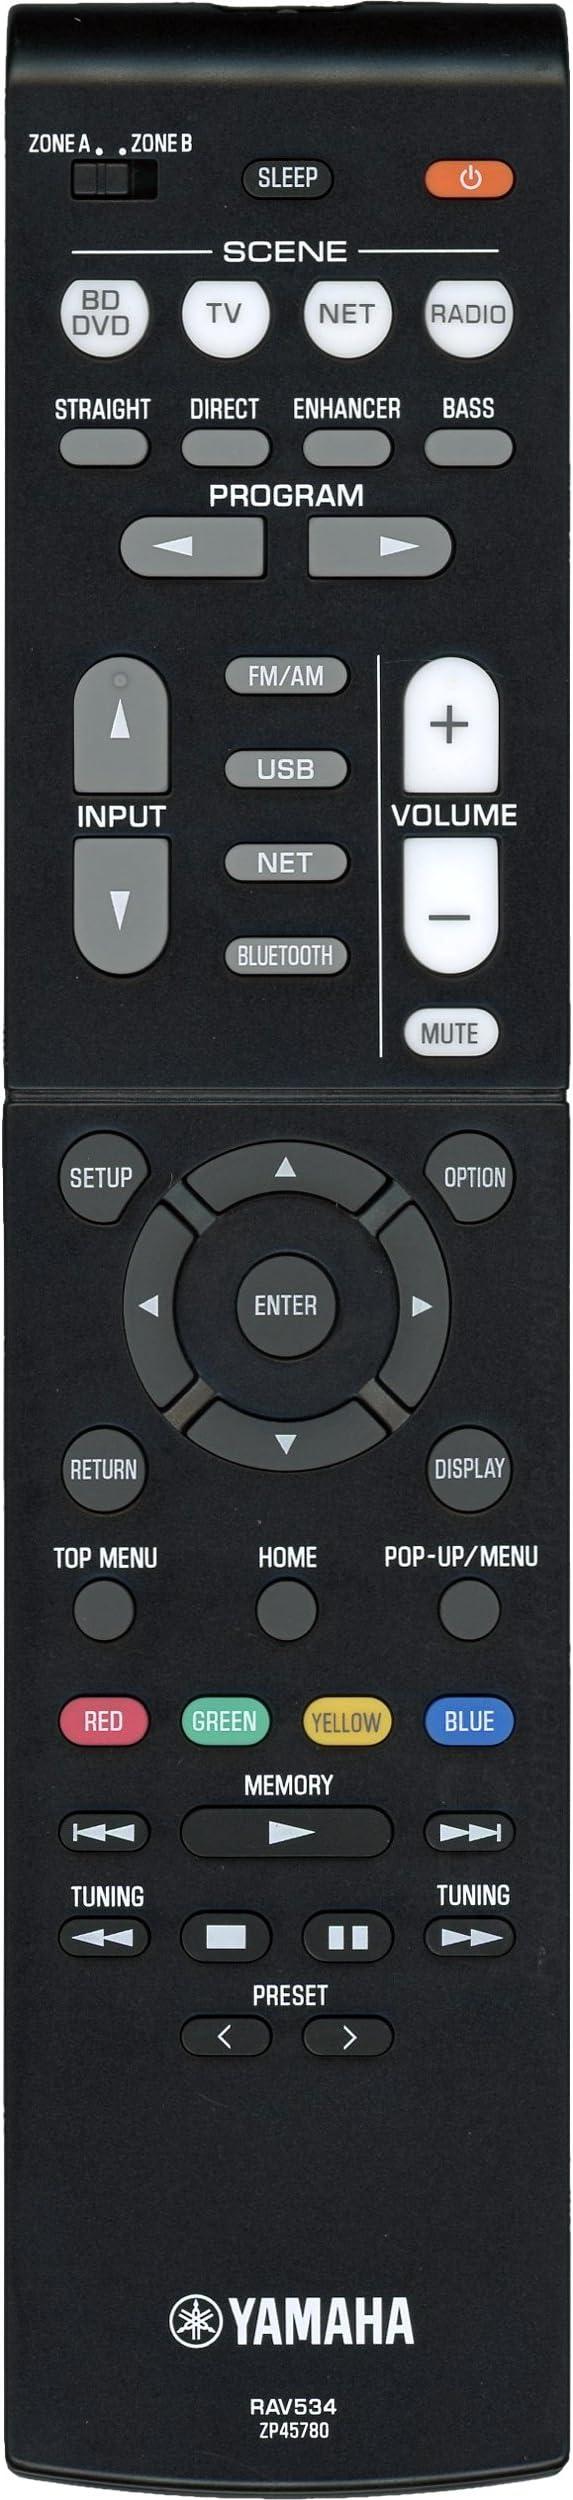 New Yamaha AV Receiver Remote Control RAV534 HTR-4068 RX-V481 RX-V581 RX-V579